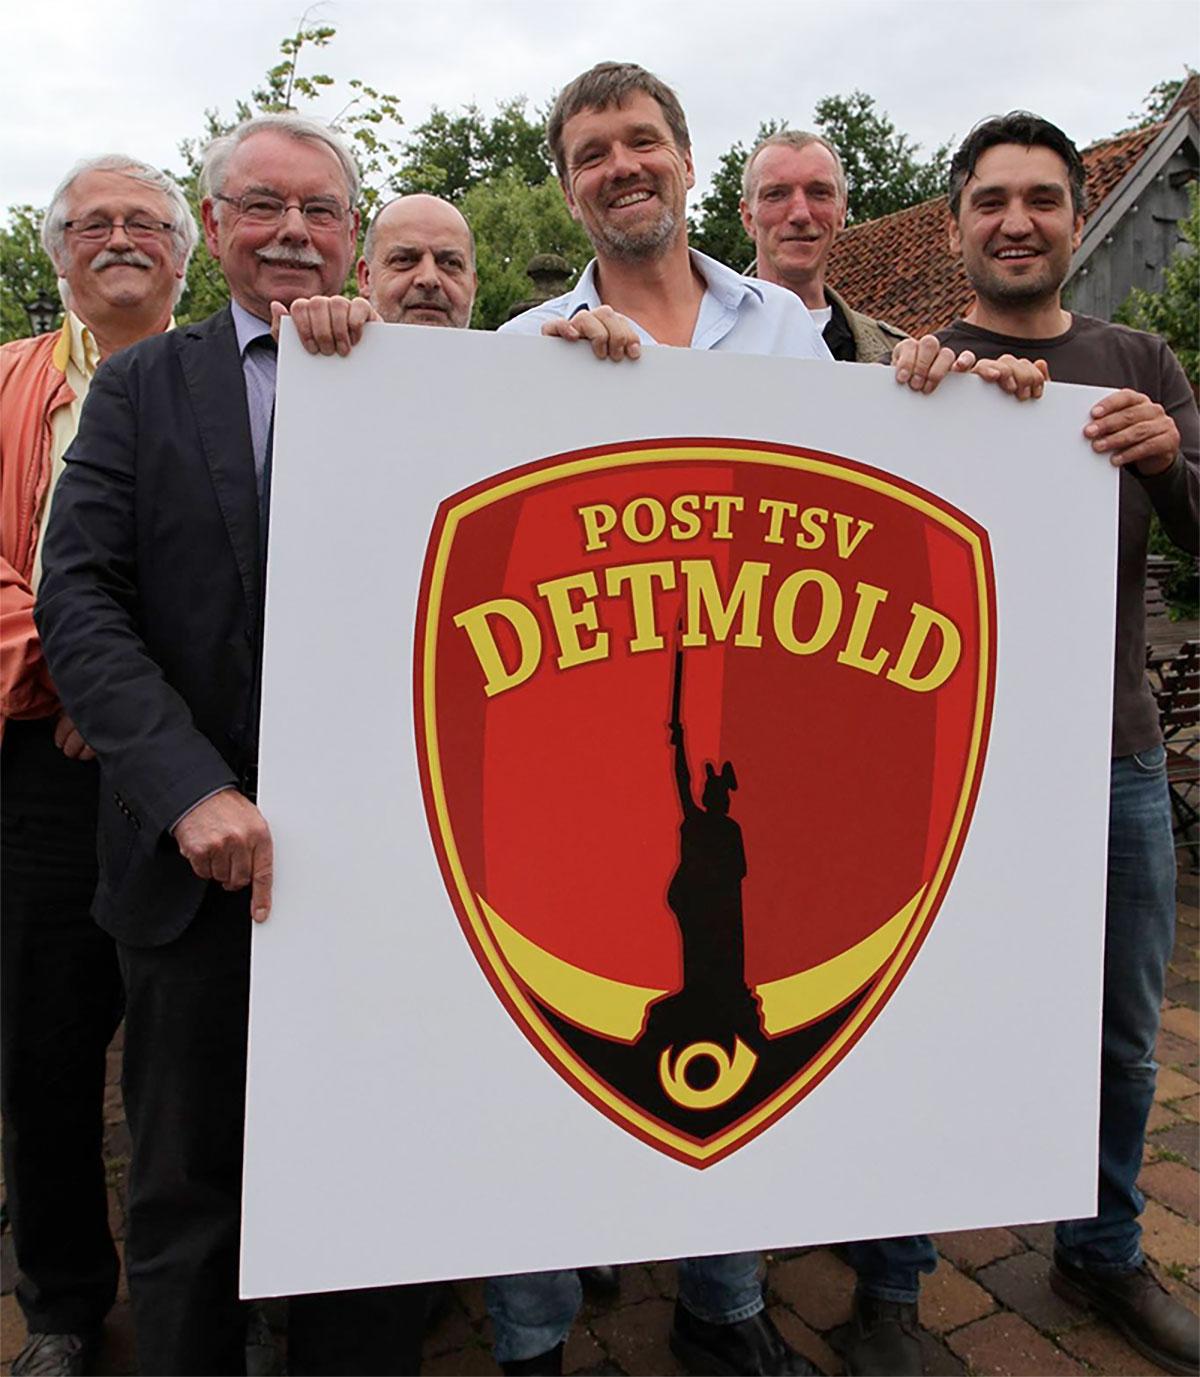 Post Sv Detmold